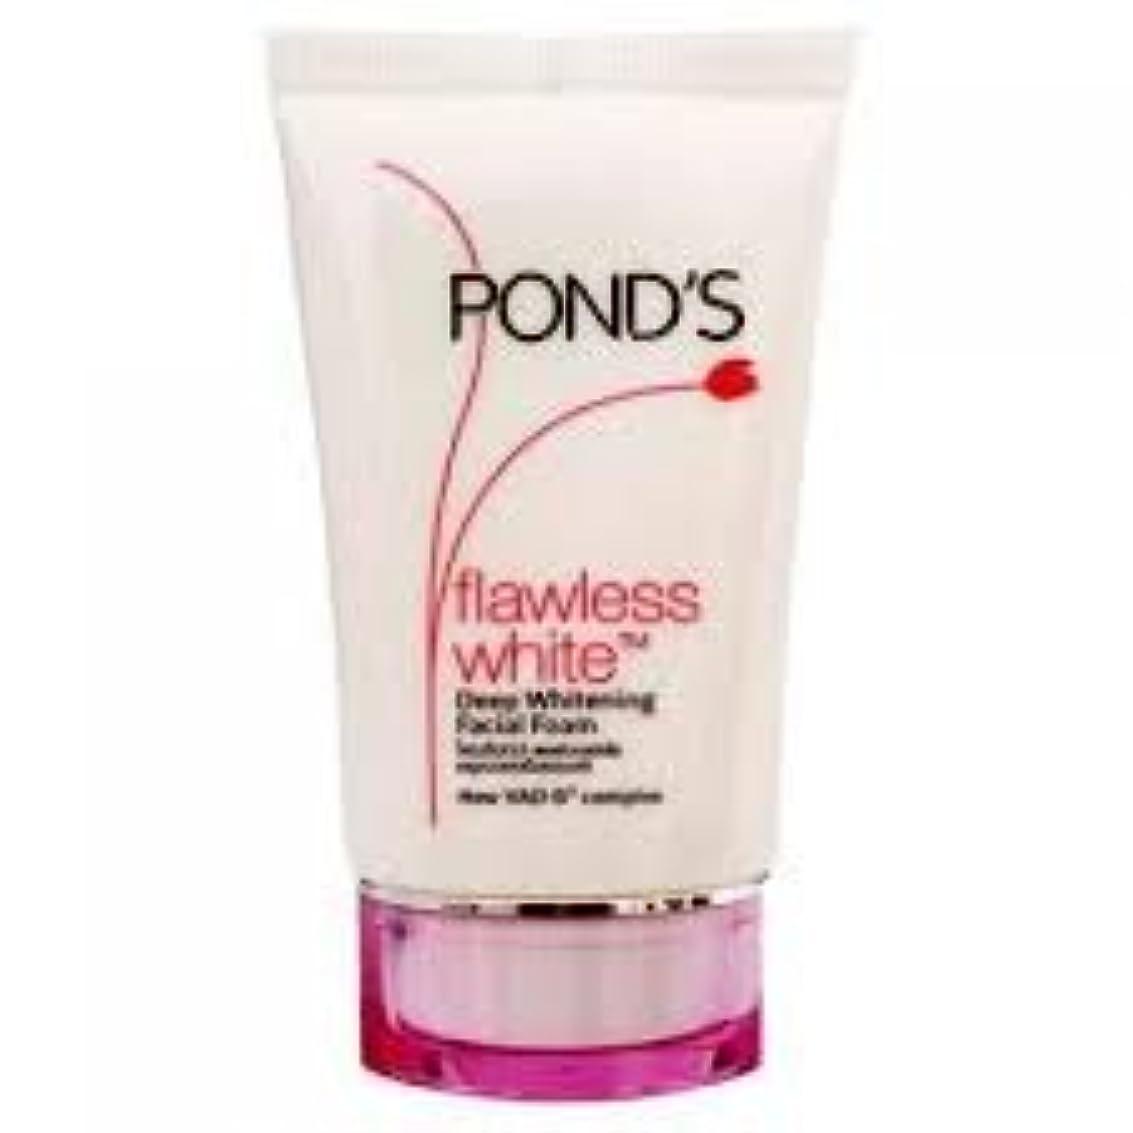 ヒール傾いた頑固なポンズ フローレス ホワイトニング フェイシャルフォーム Ponds Flawless White Deep Whitening Facial Foam 50g